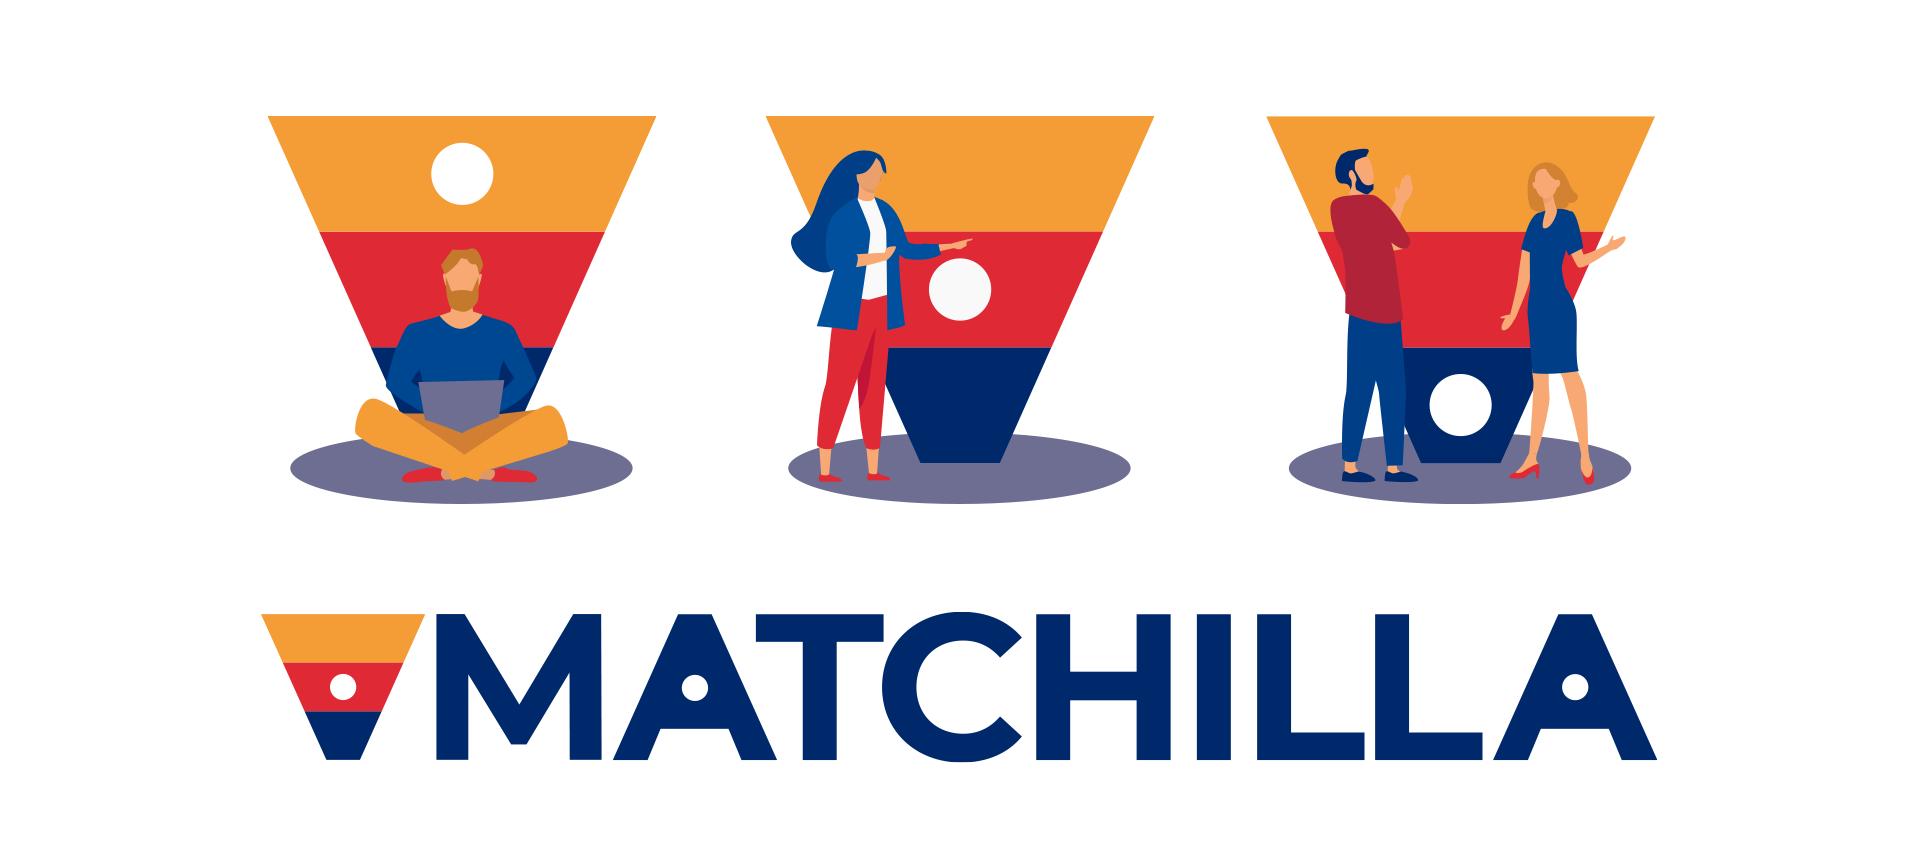 Matchilla ➡️ die B2B-Matching-Plattform für digitales Marketing